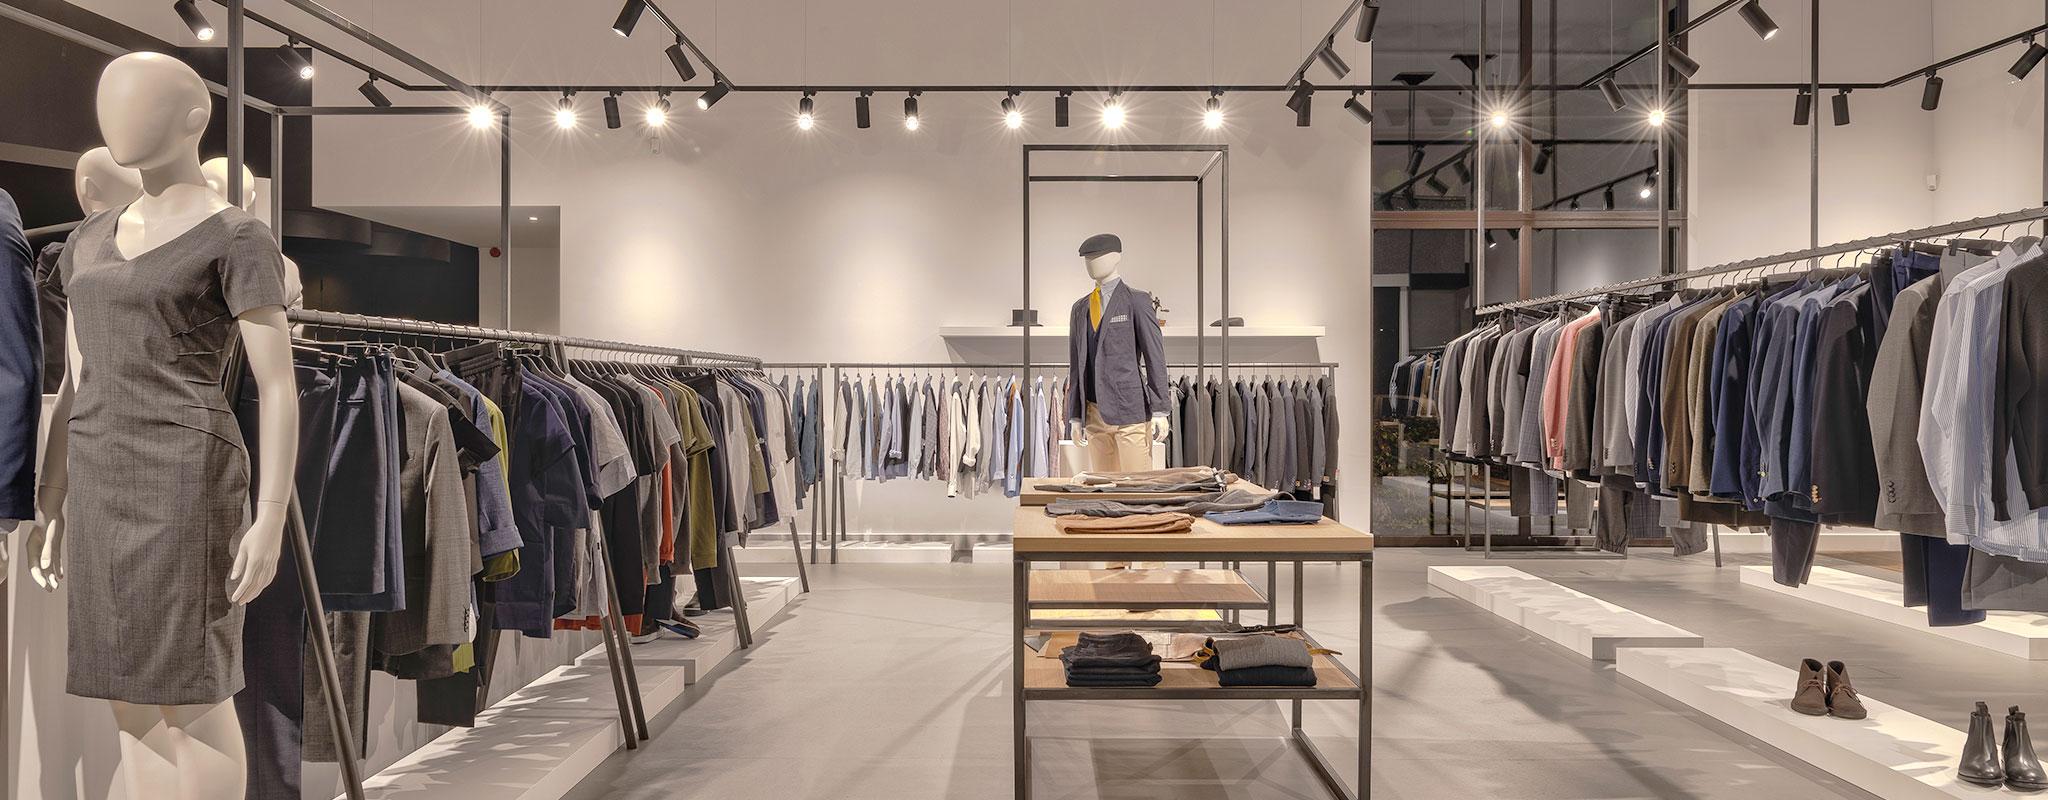 Showroom Suit Up bedrijfskledij Breda